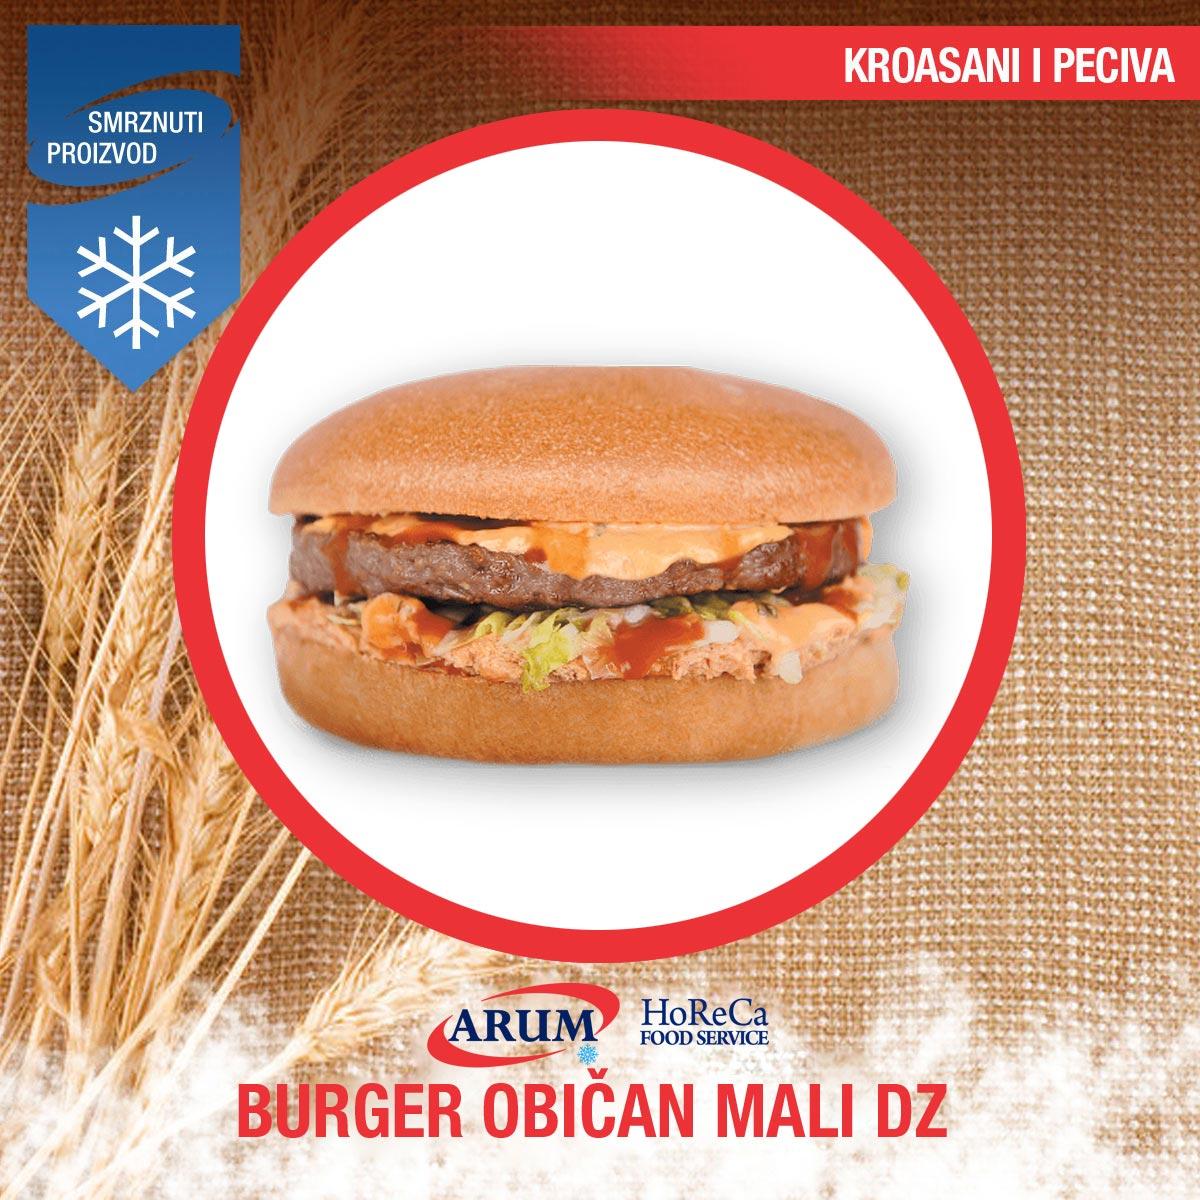 Dz burger obican mali ks 80gr (40/#)